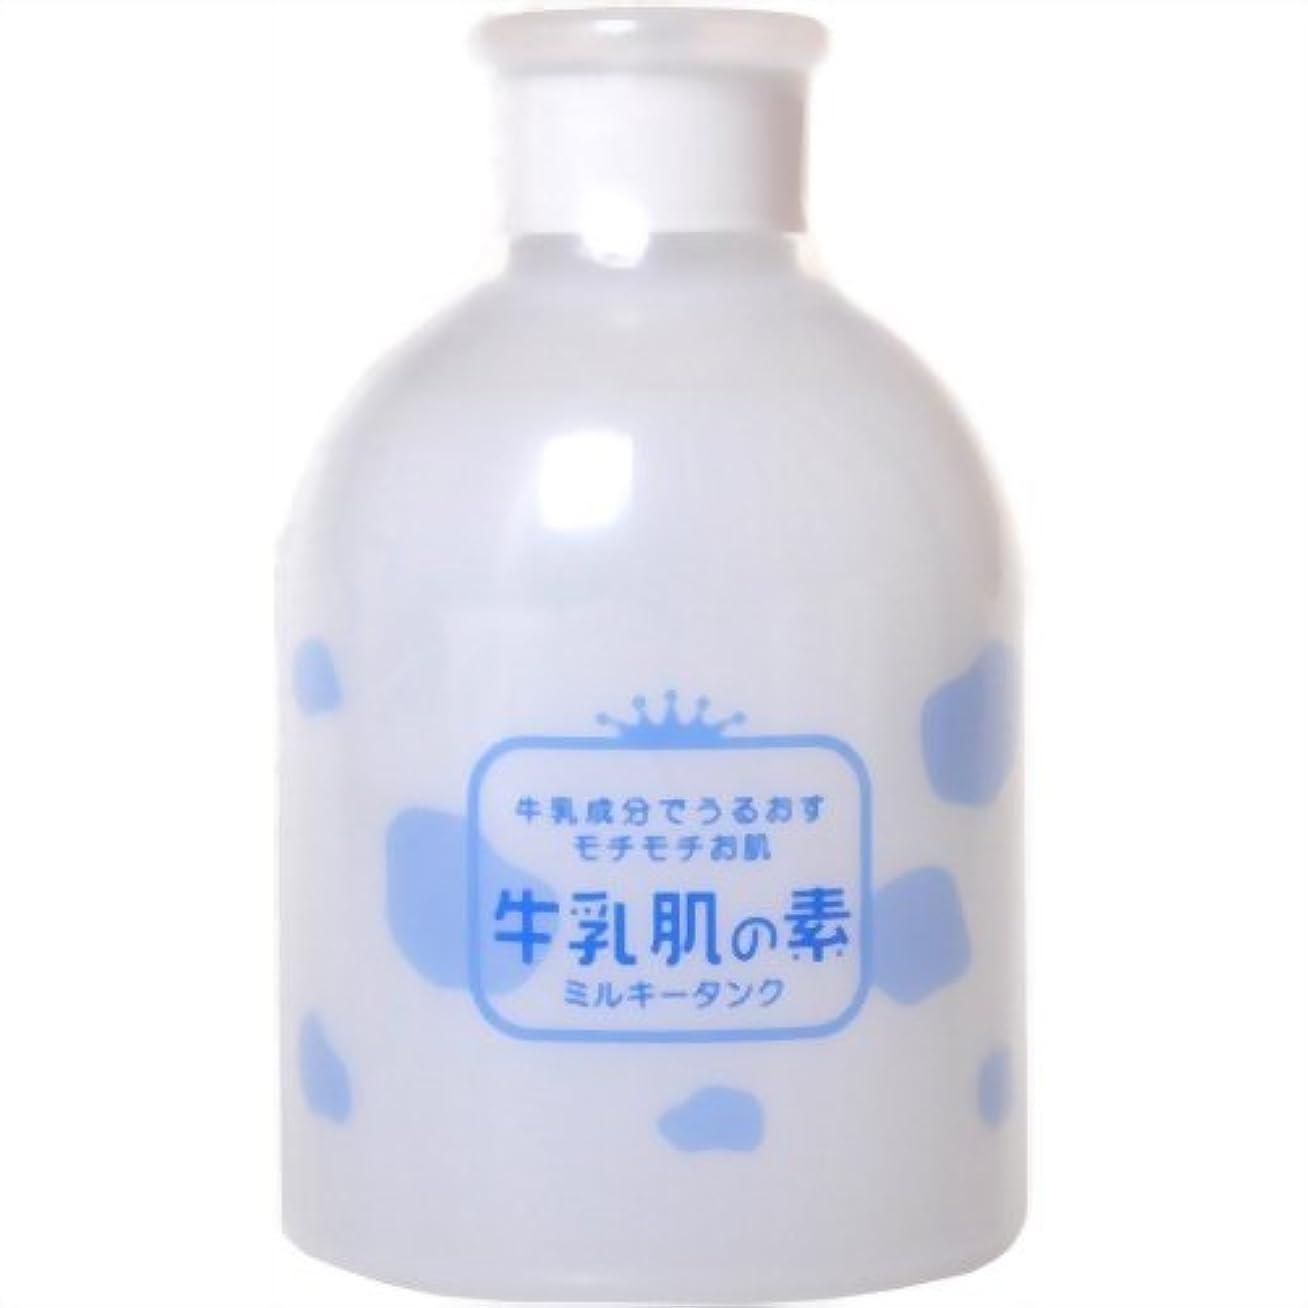 タクト政治家倫理的牛乳肌の素 ミルキータンク(化粧水) 300ml